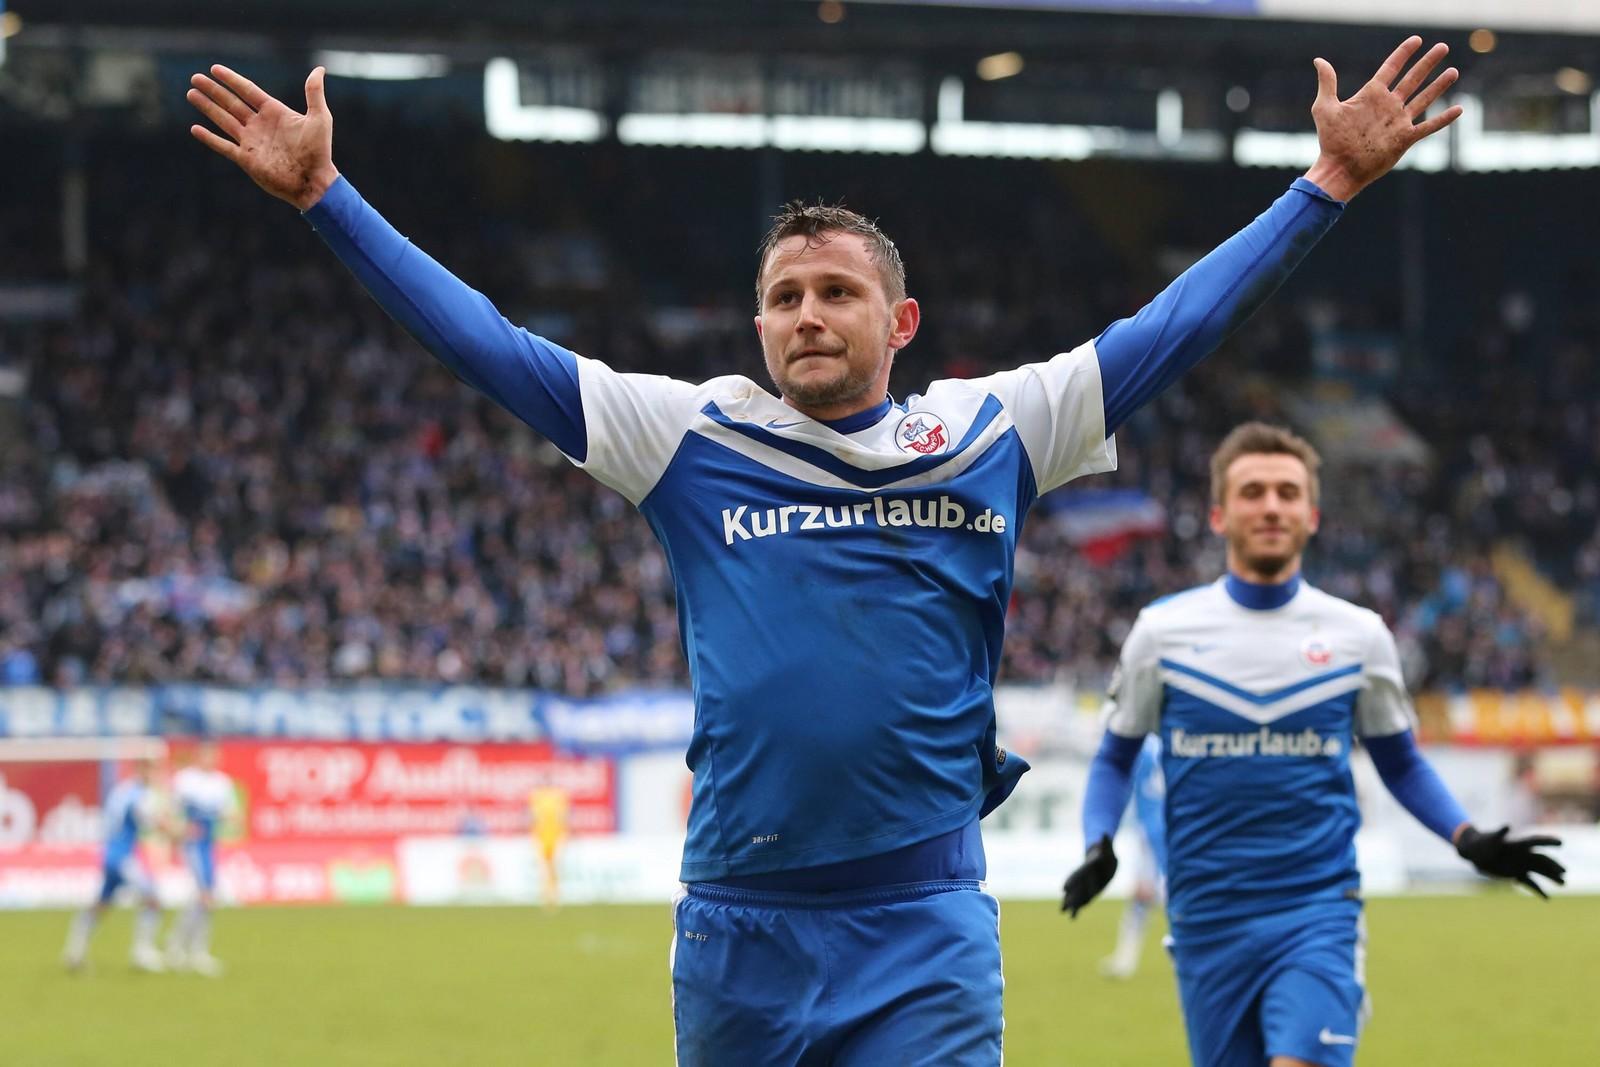 Marcel Ziemer bejubelt einen Treffer gegen Regensburg